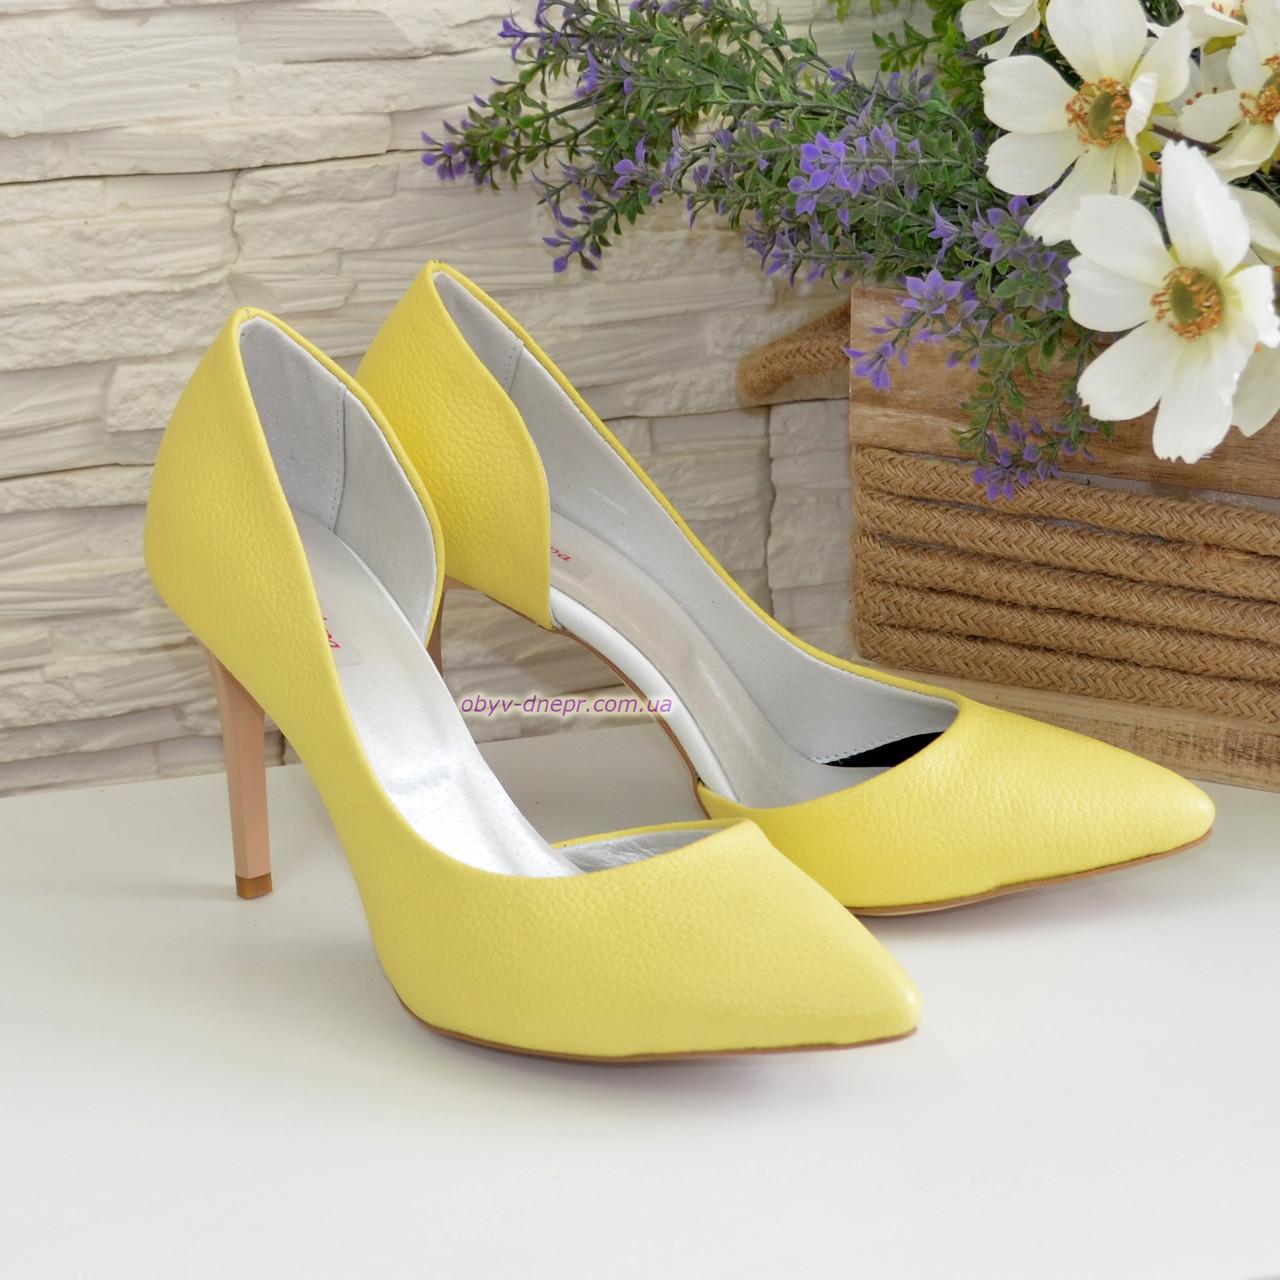 Женские туфли на шпильке из натуральной кожи флотар желтого цвета